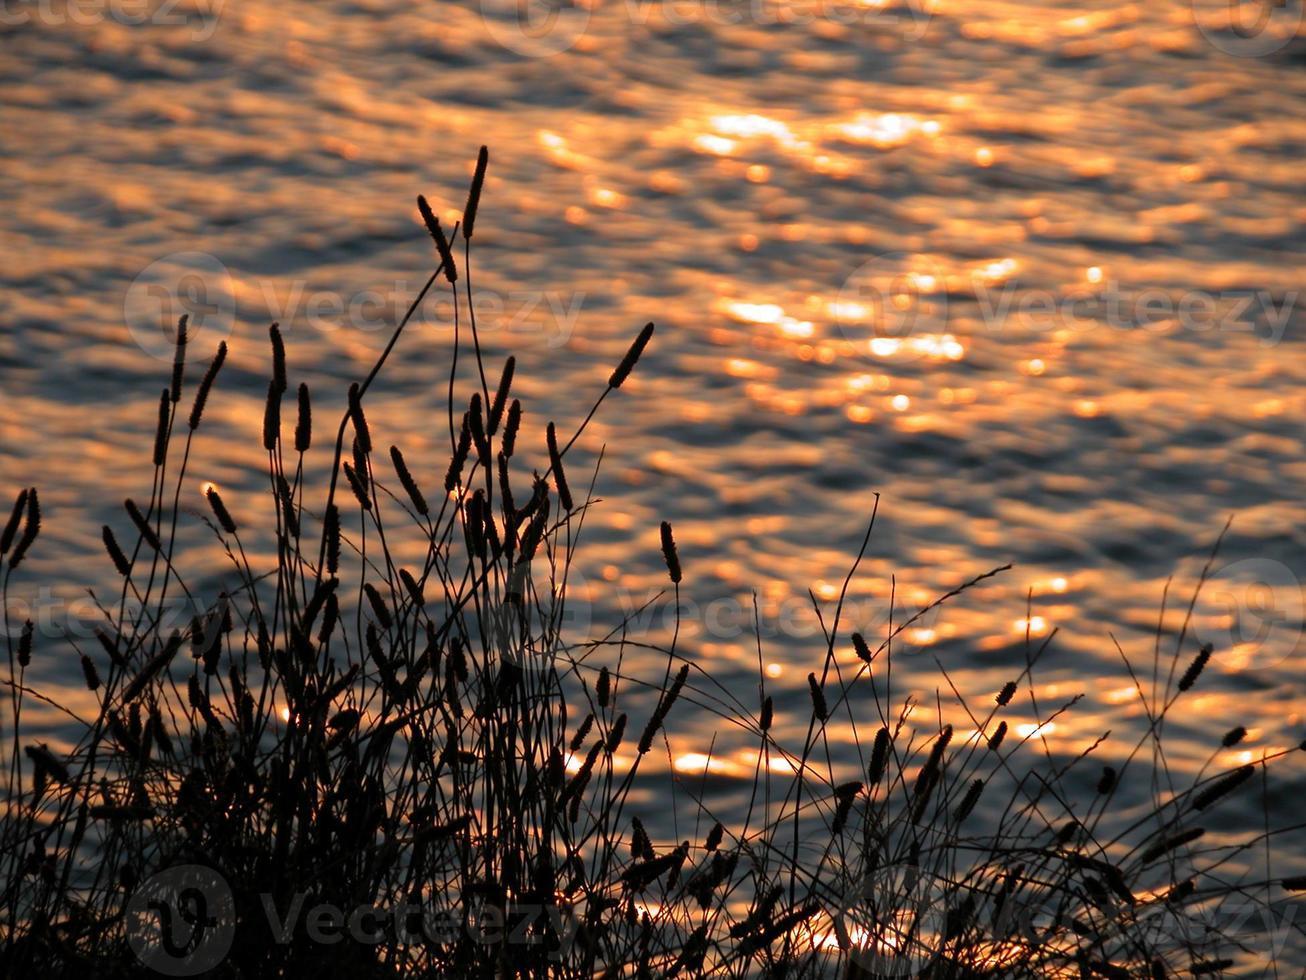 silhouettes au coucher du soleil photo